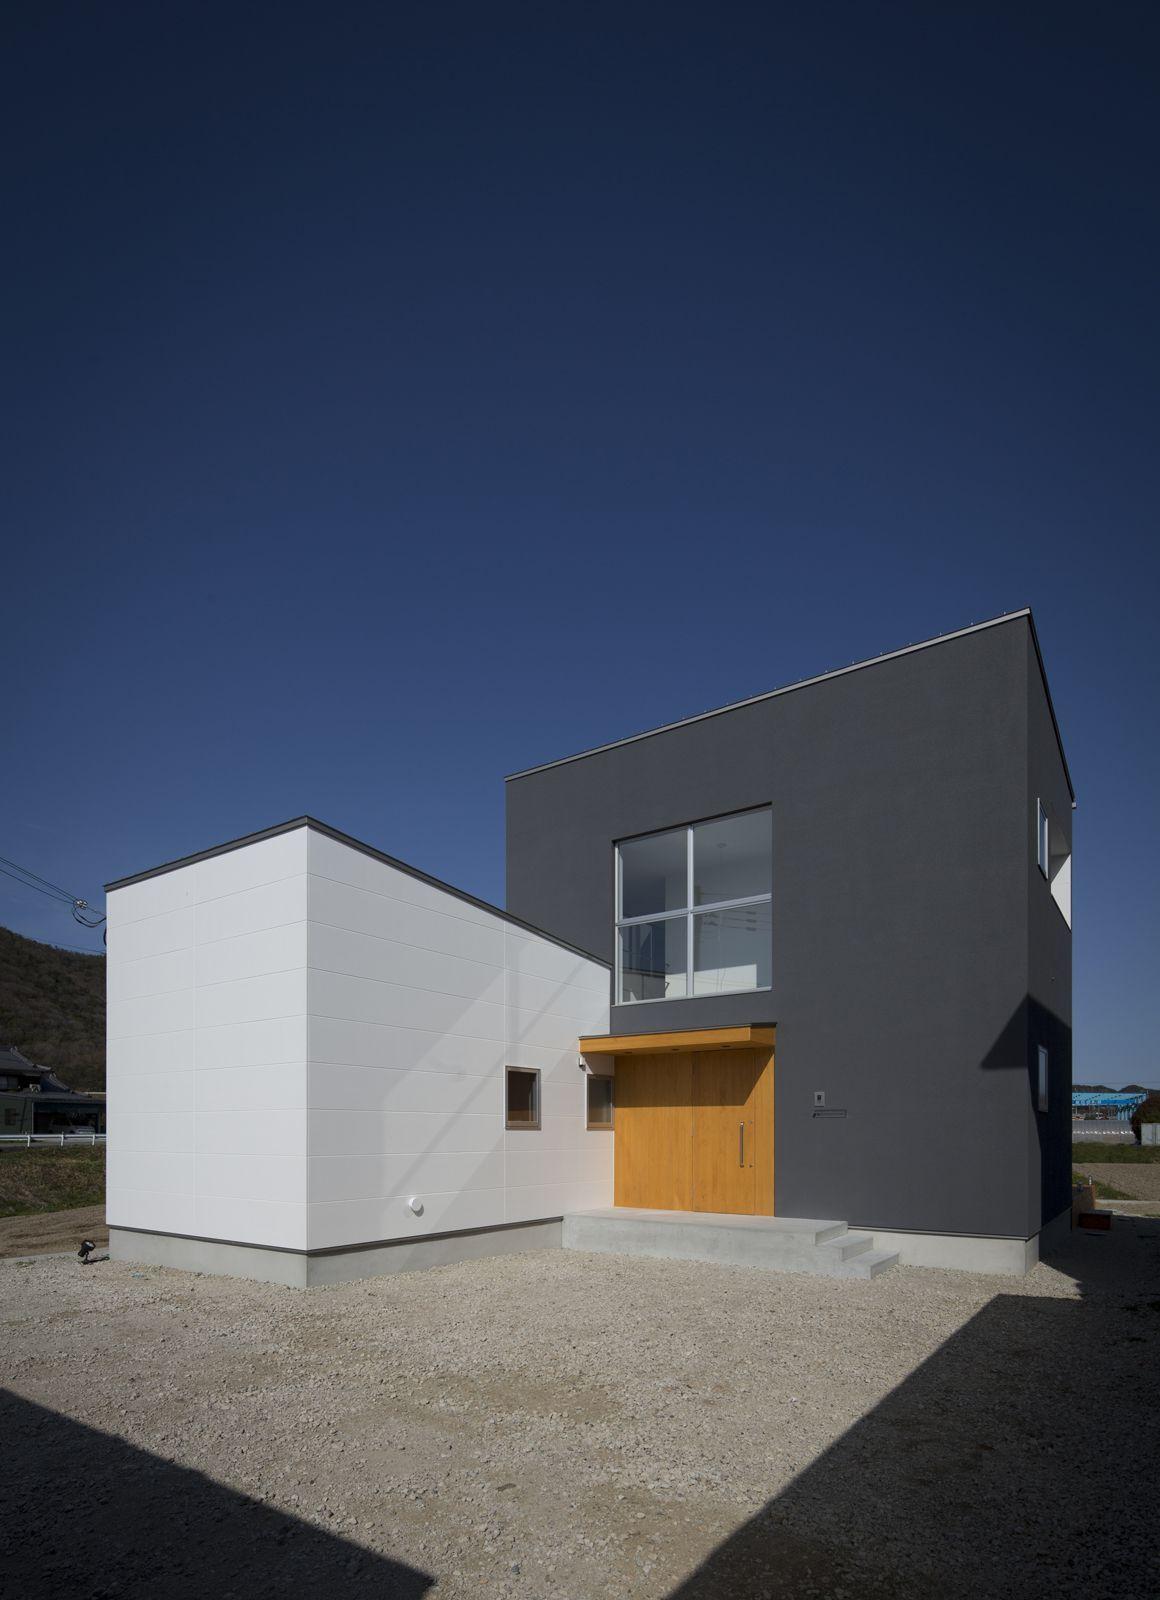 ヌーディストテラスハウスの外観2 建築設計事務所 テラスハウス